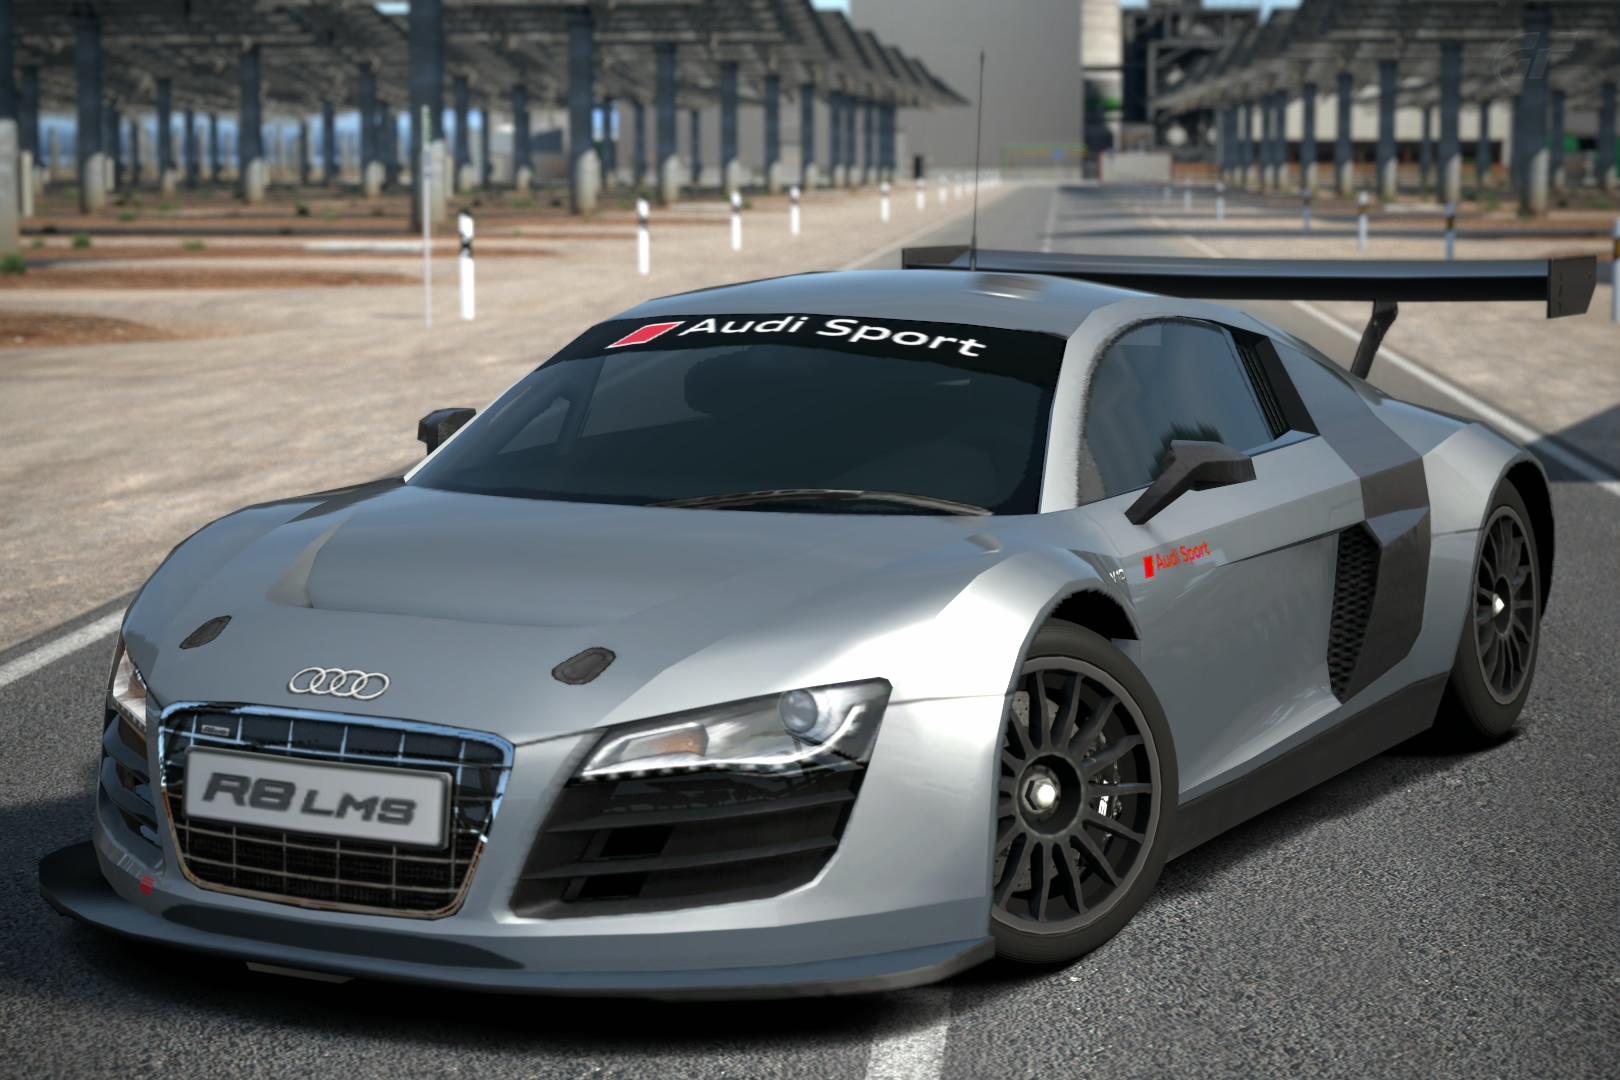 Audi R LMS Race Car Gran Turismo Wiki FANDOM Powered By Wikia - Audi car wiki